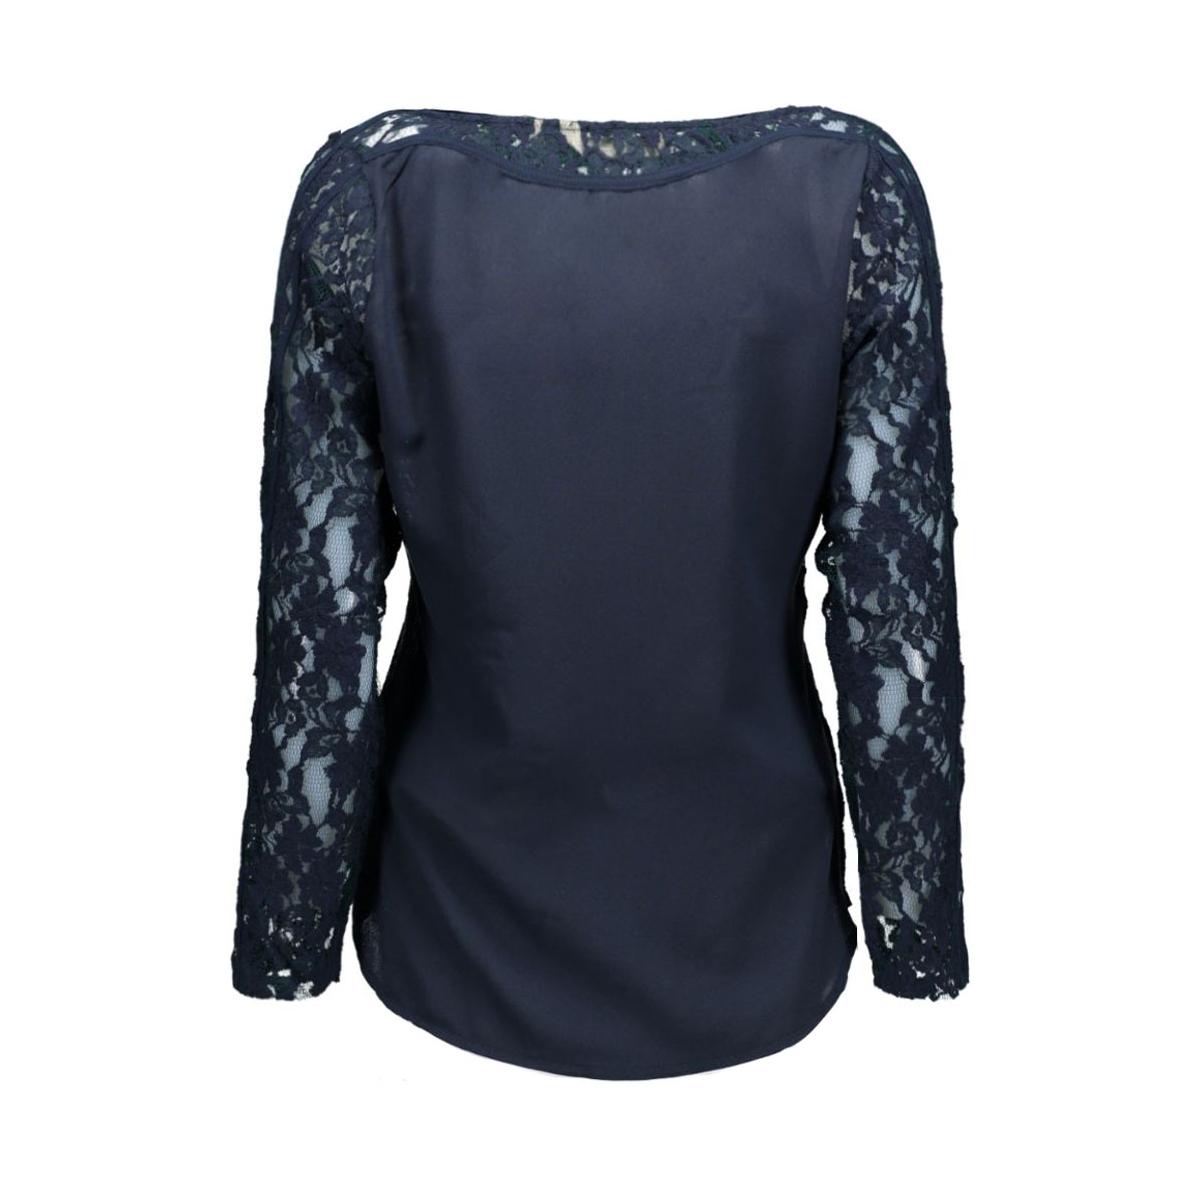 l50011 garcia t-shirt 292 dark moon